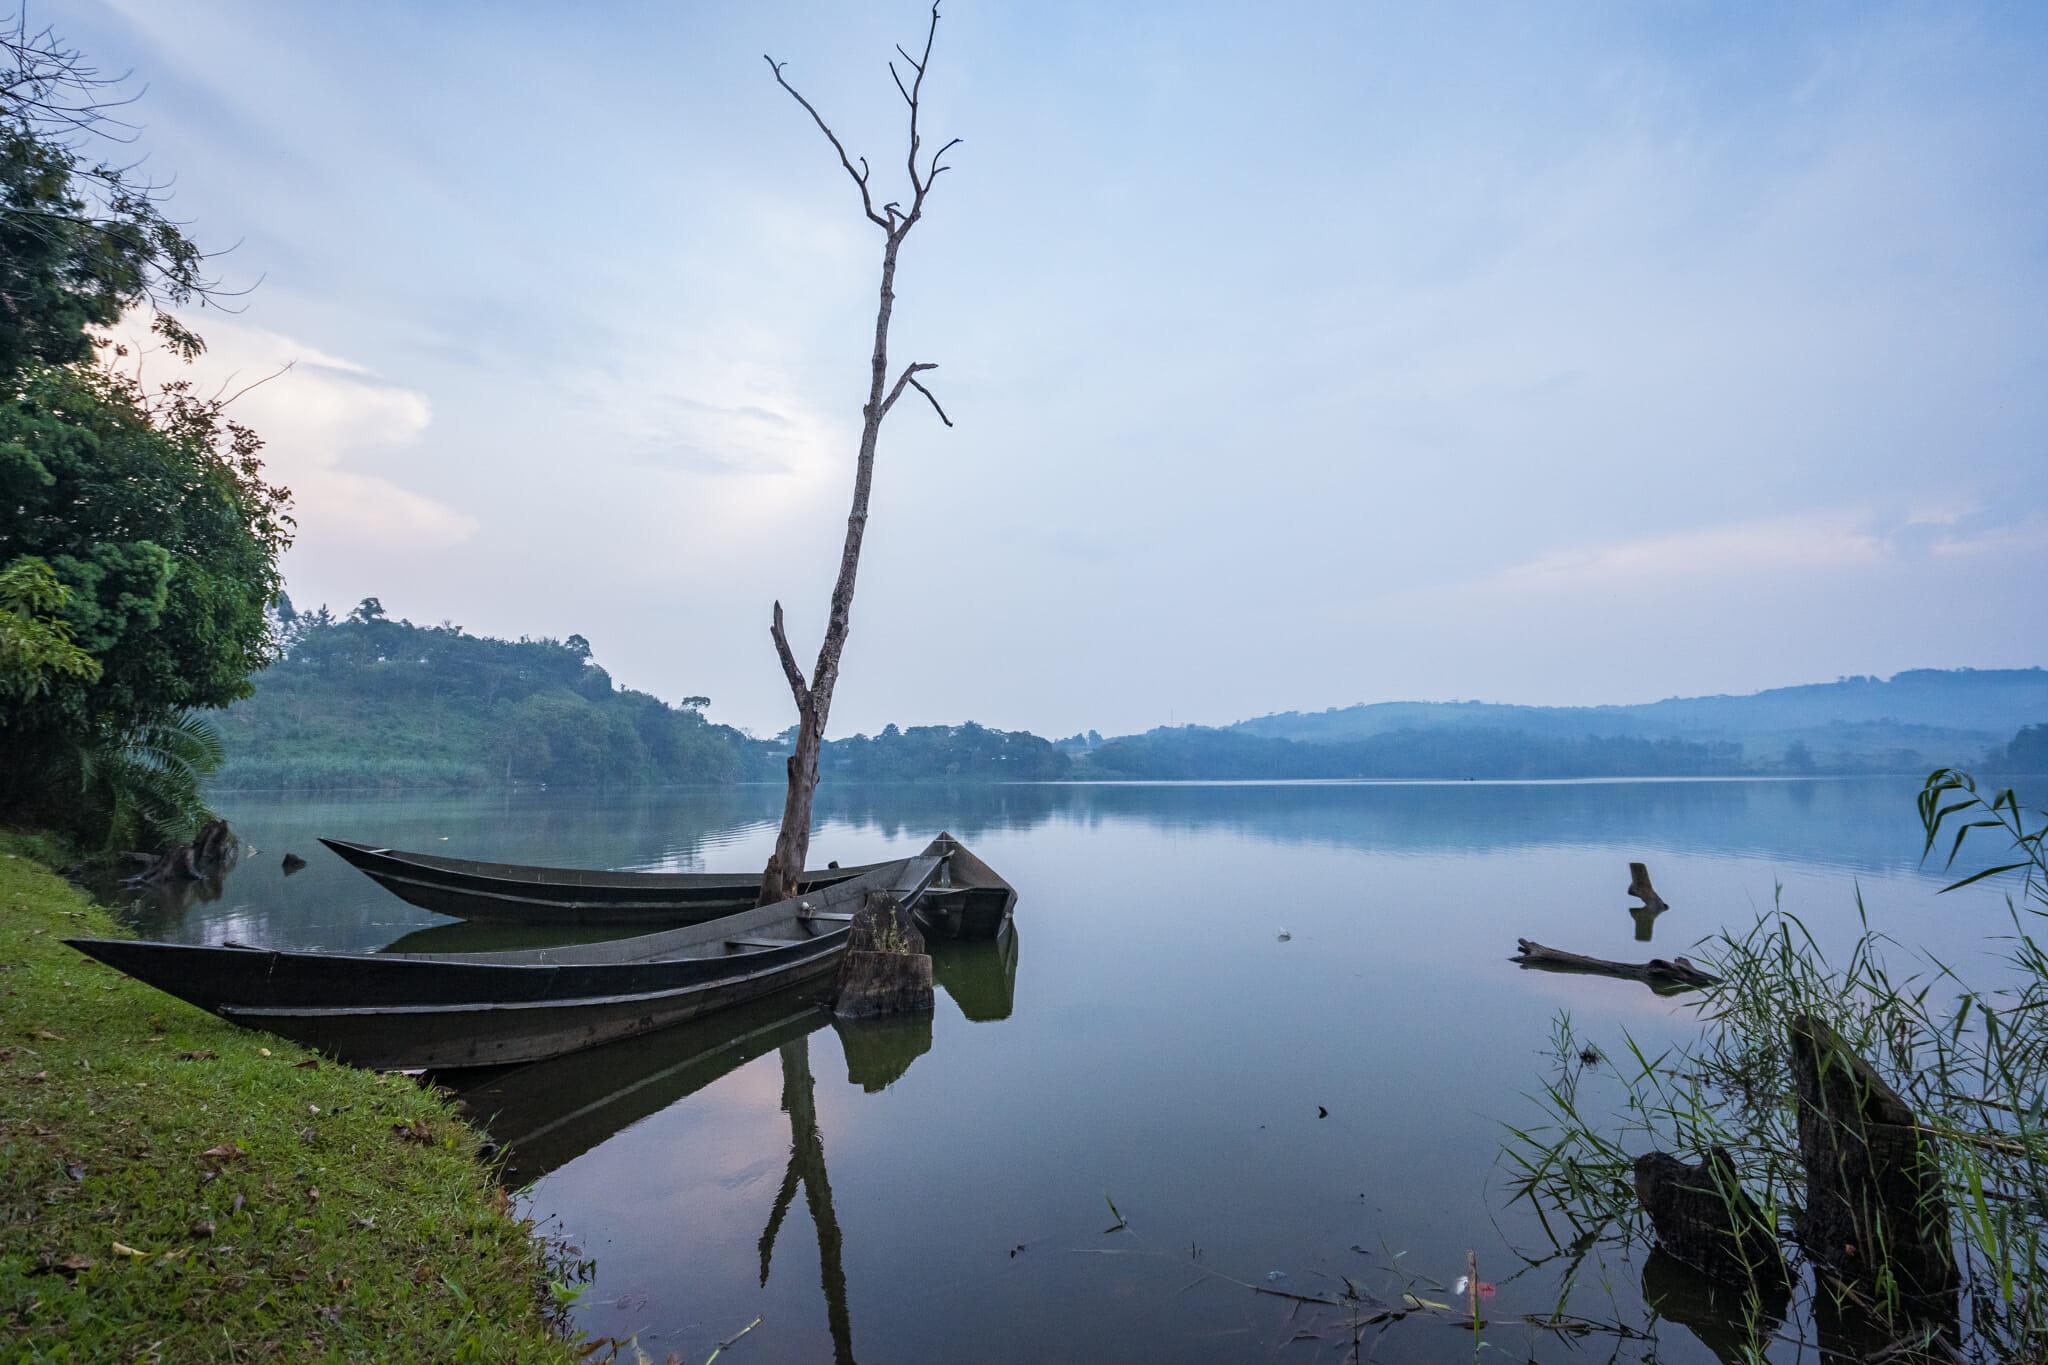 vue sur le lac depuis le logement rweetera park à kibale en ouganda